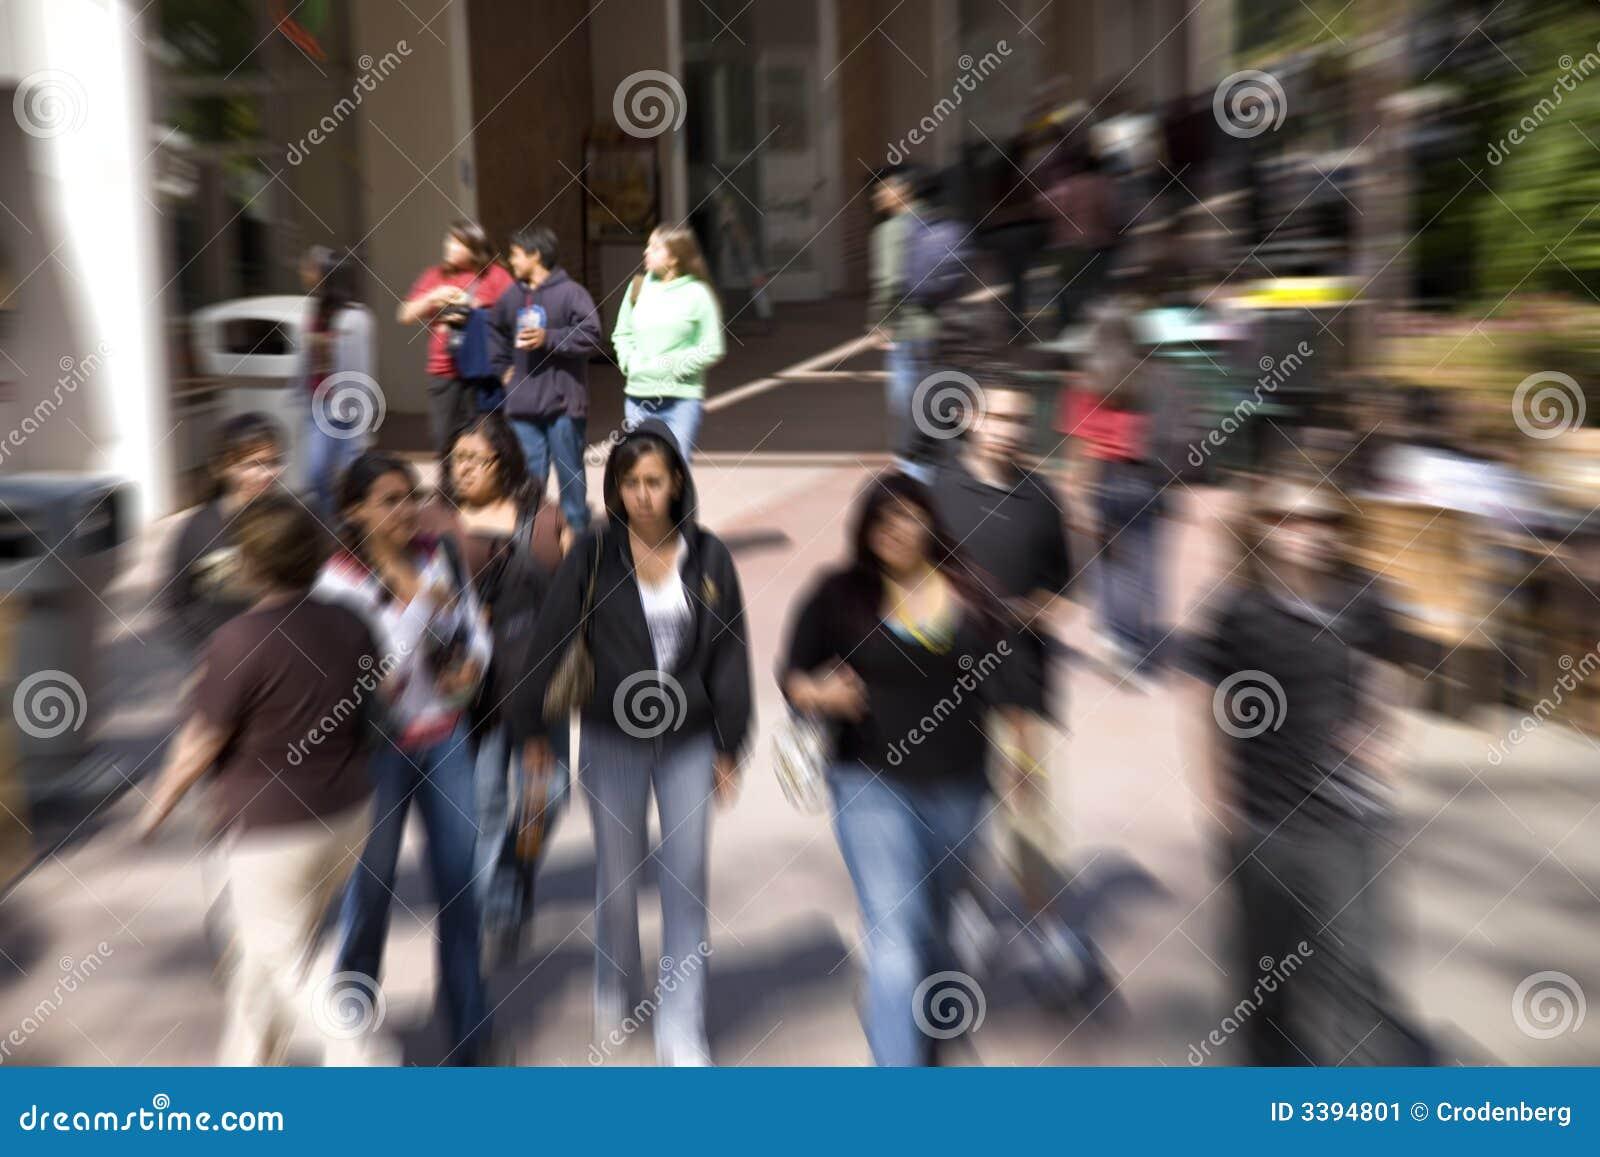 Unfocused students